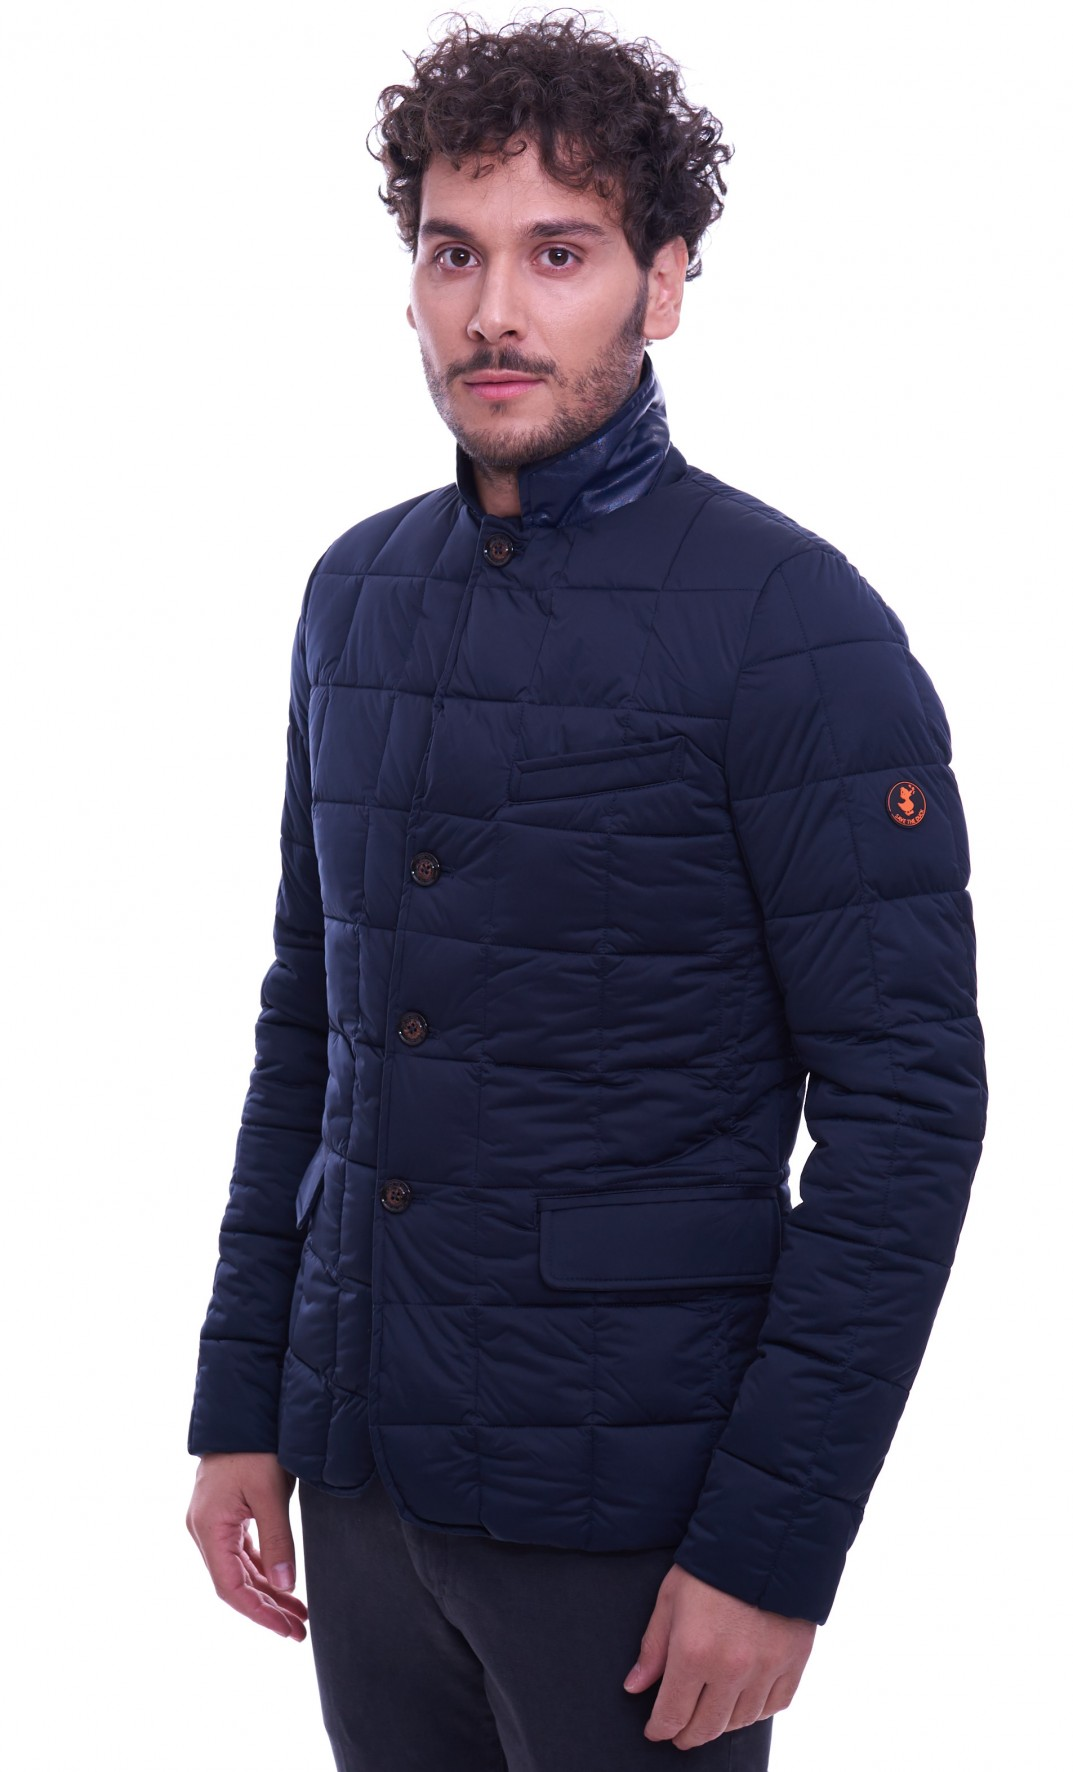 best service 5fa8b f2310 Giubbotto SAVE THE DUCK stretch da uomo modello giacca blu ...